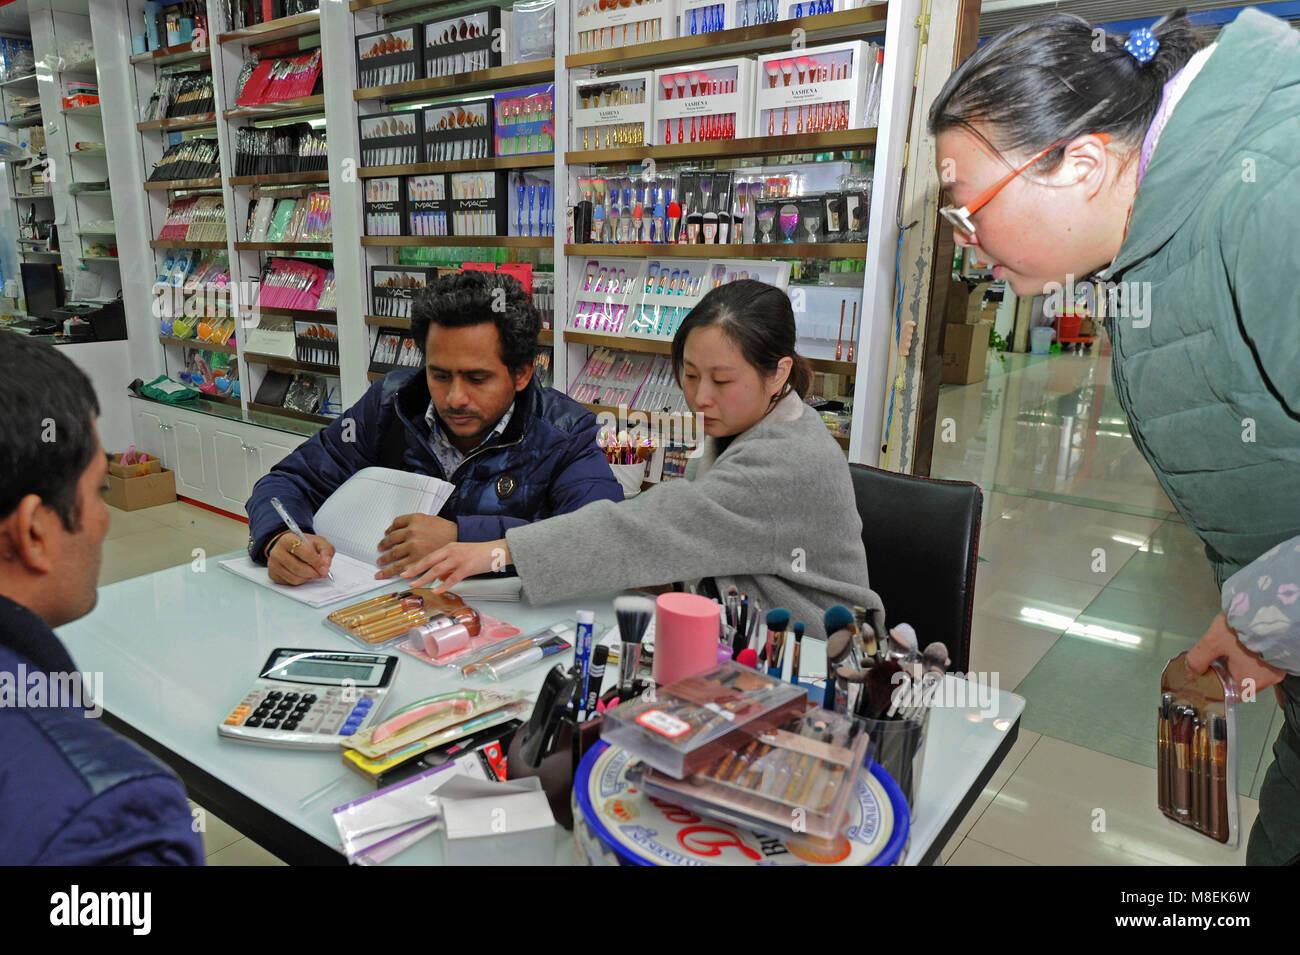 (180317) - YIWU, März 17, 2018 (Xinhua) - Ein indischer Geschäftsmann (2. L) überprüft die Einkaufsliste an der Stockfoto